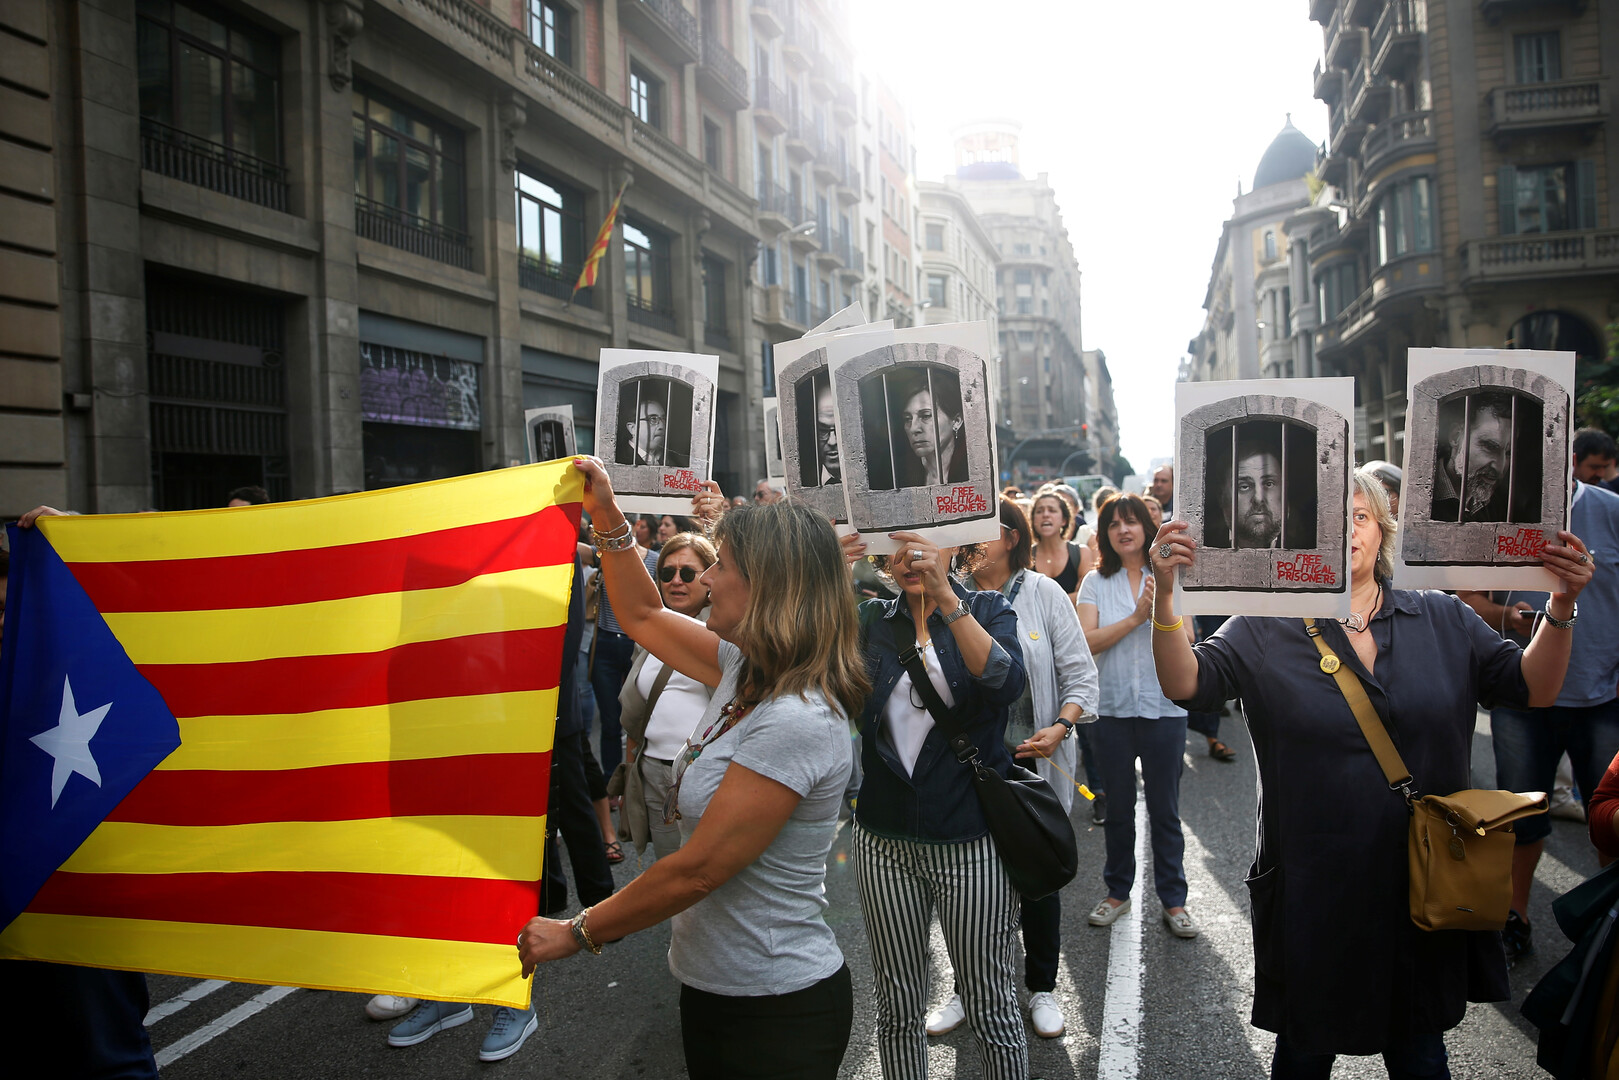 إسبانيا.. أحكام بالسجن لـ9 من قياديي انفصال كتالونيا